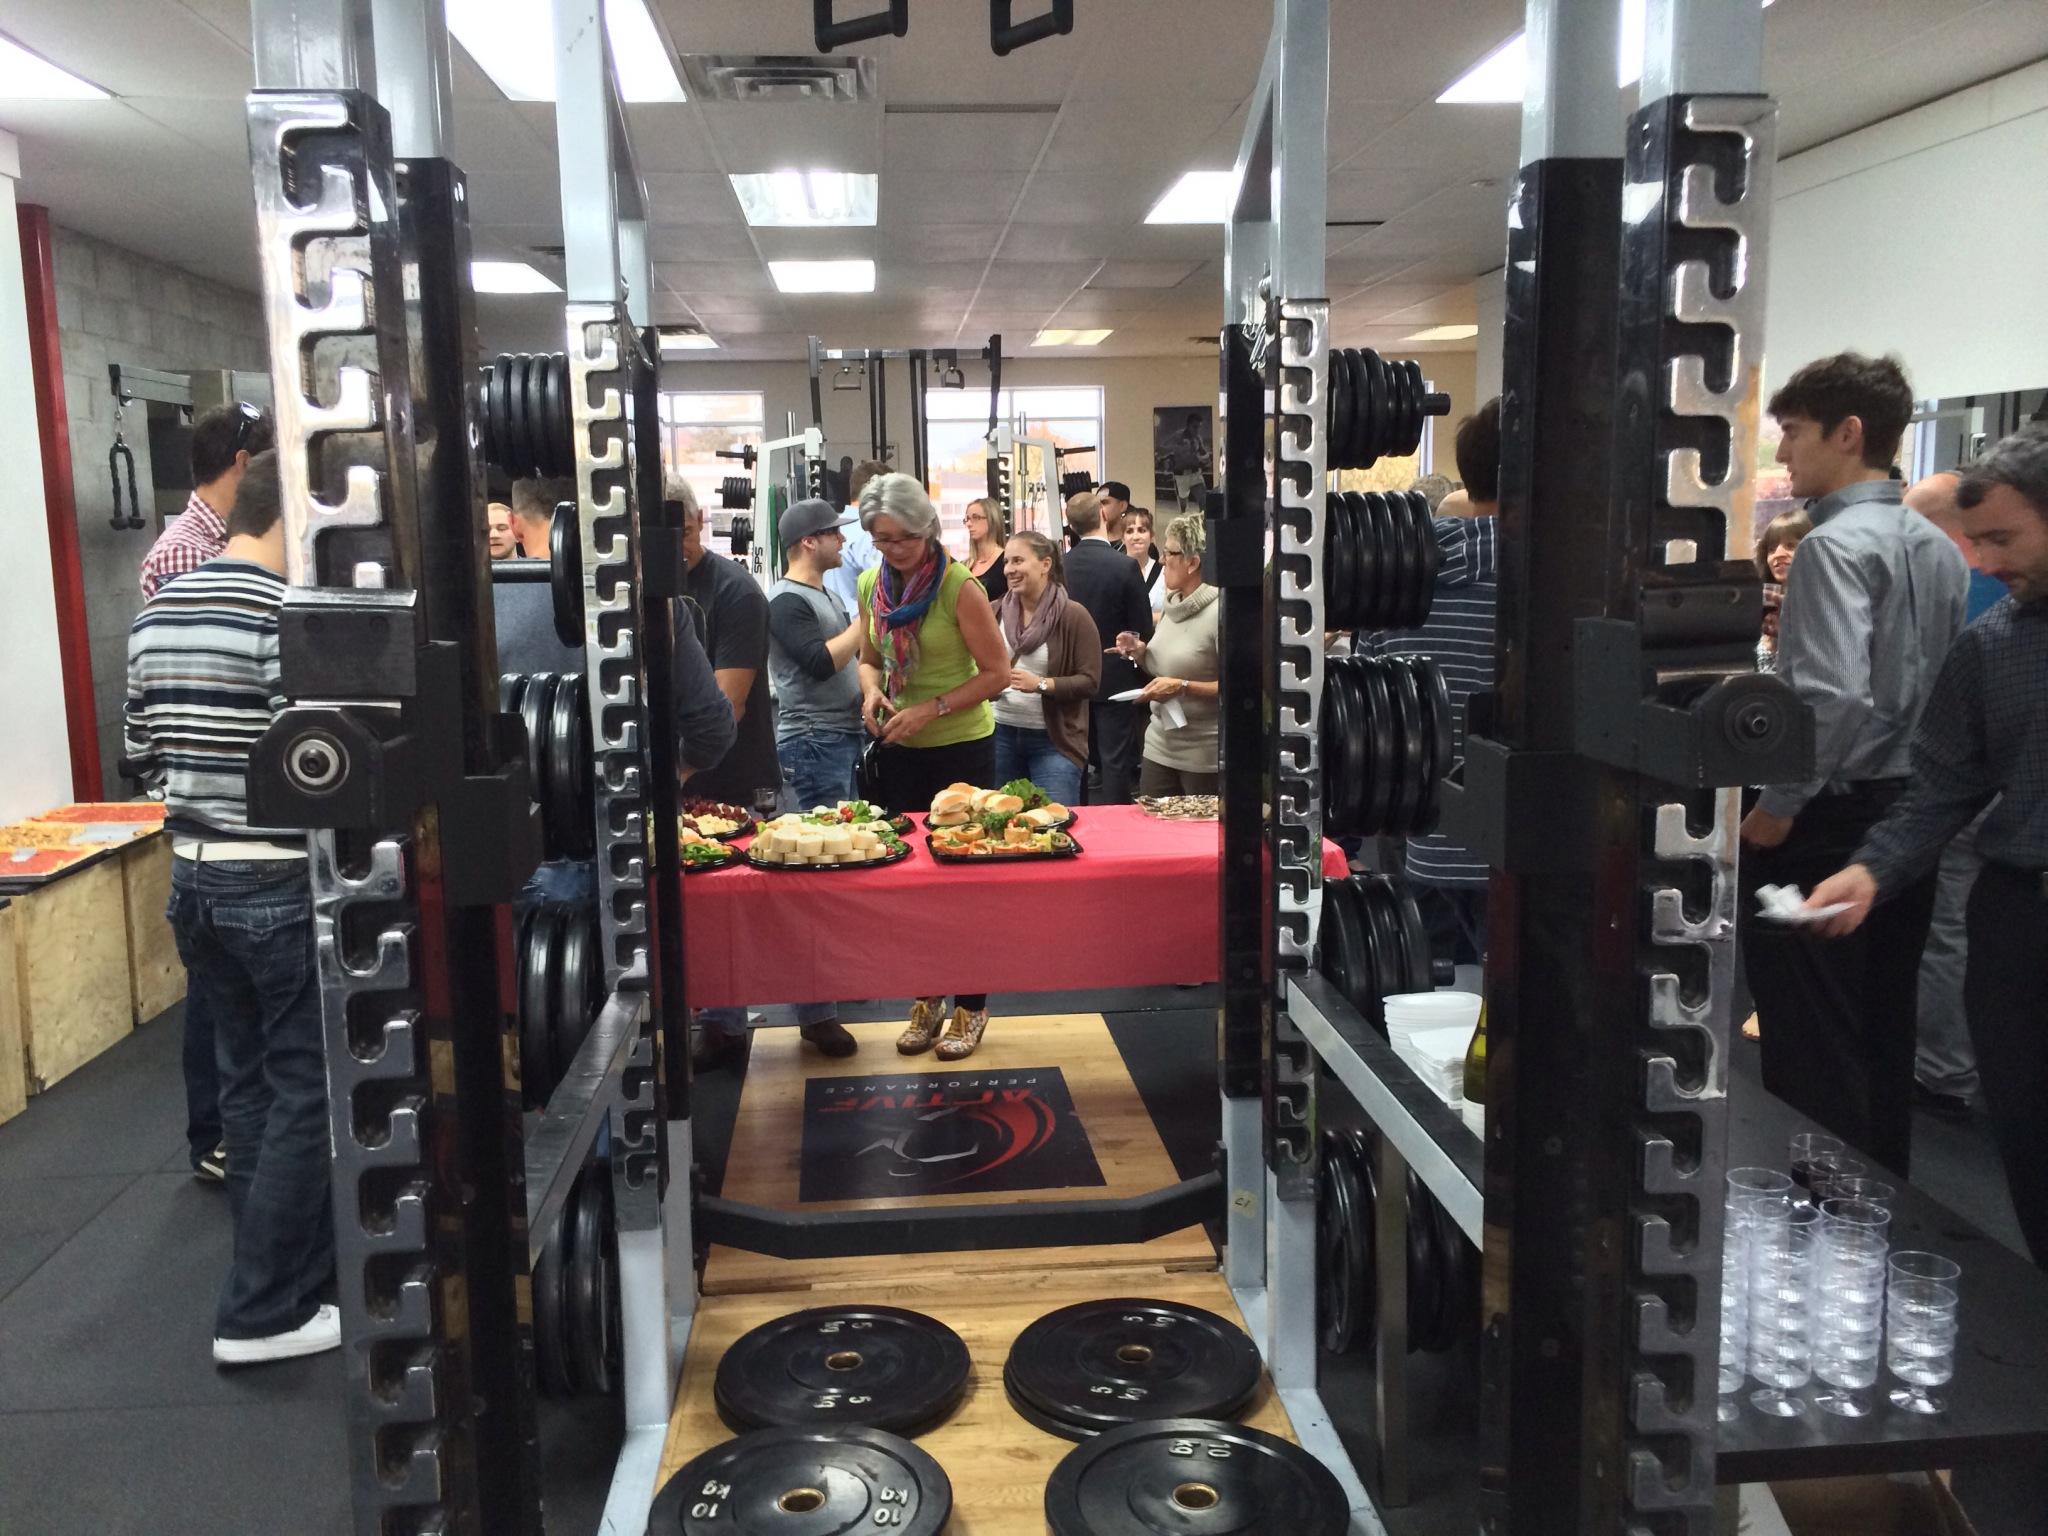 Photo prise aux installations d'entraînement de Beloeil lors du 5 @ 7 portes ouvertes. C'est maintenant l'heure de démarrer le processus et d'enfiler votre linge d'entrainement.